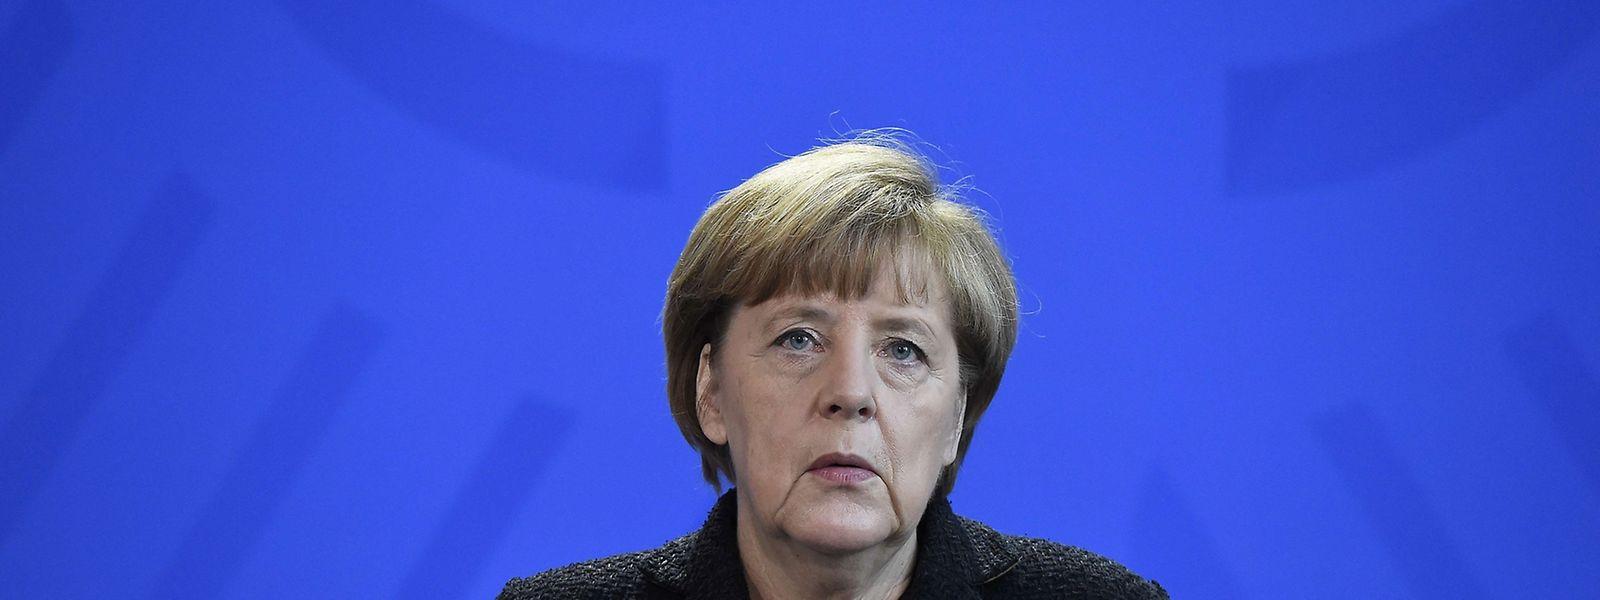 Bundeskanzlerin Angela Merkel bei ihrer Presseansprache in Berlin.